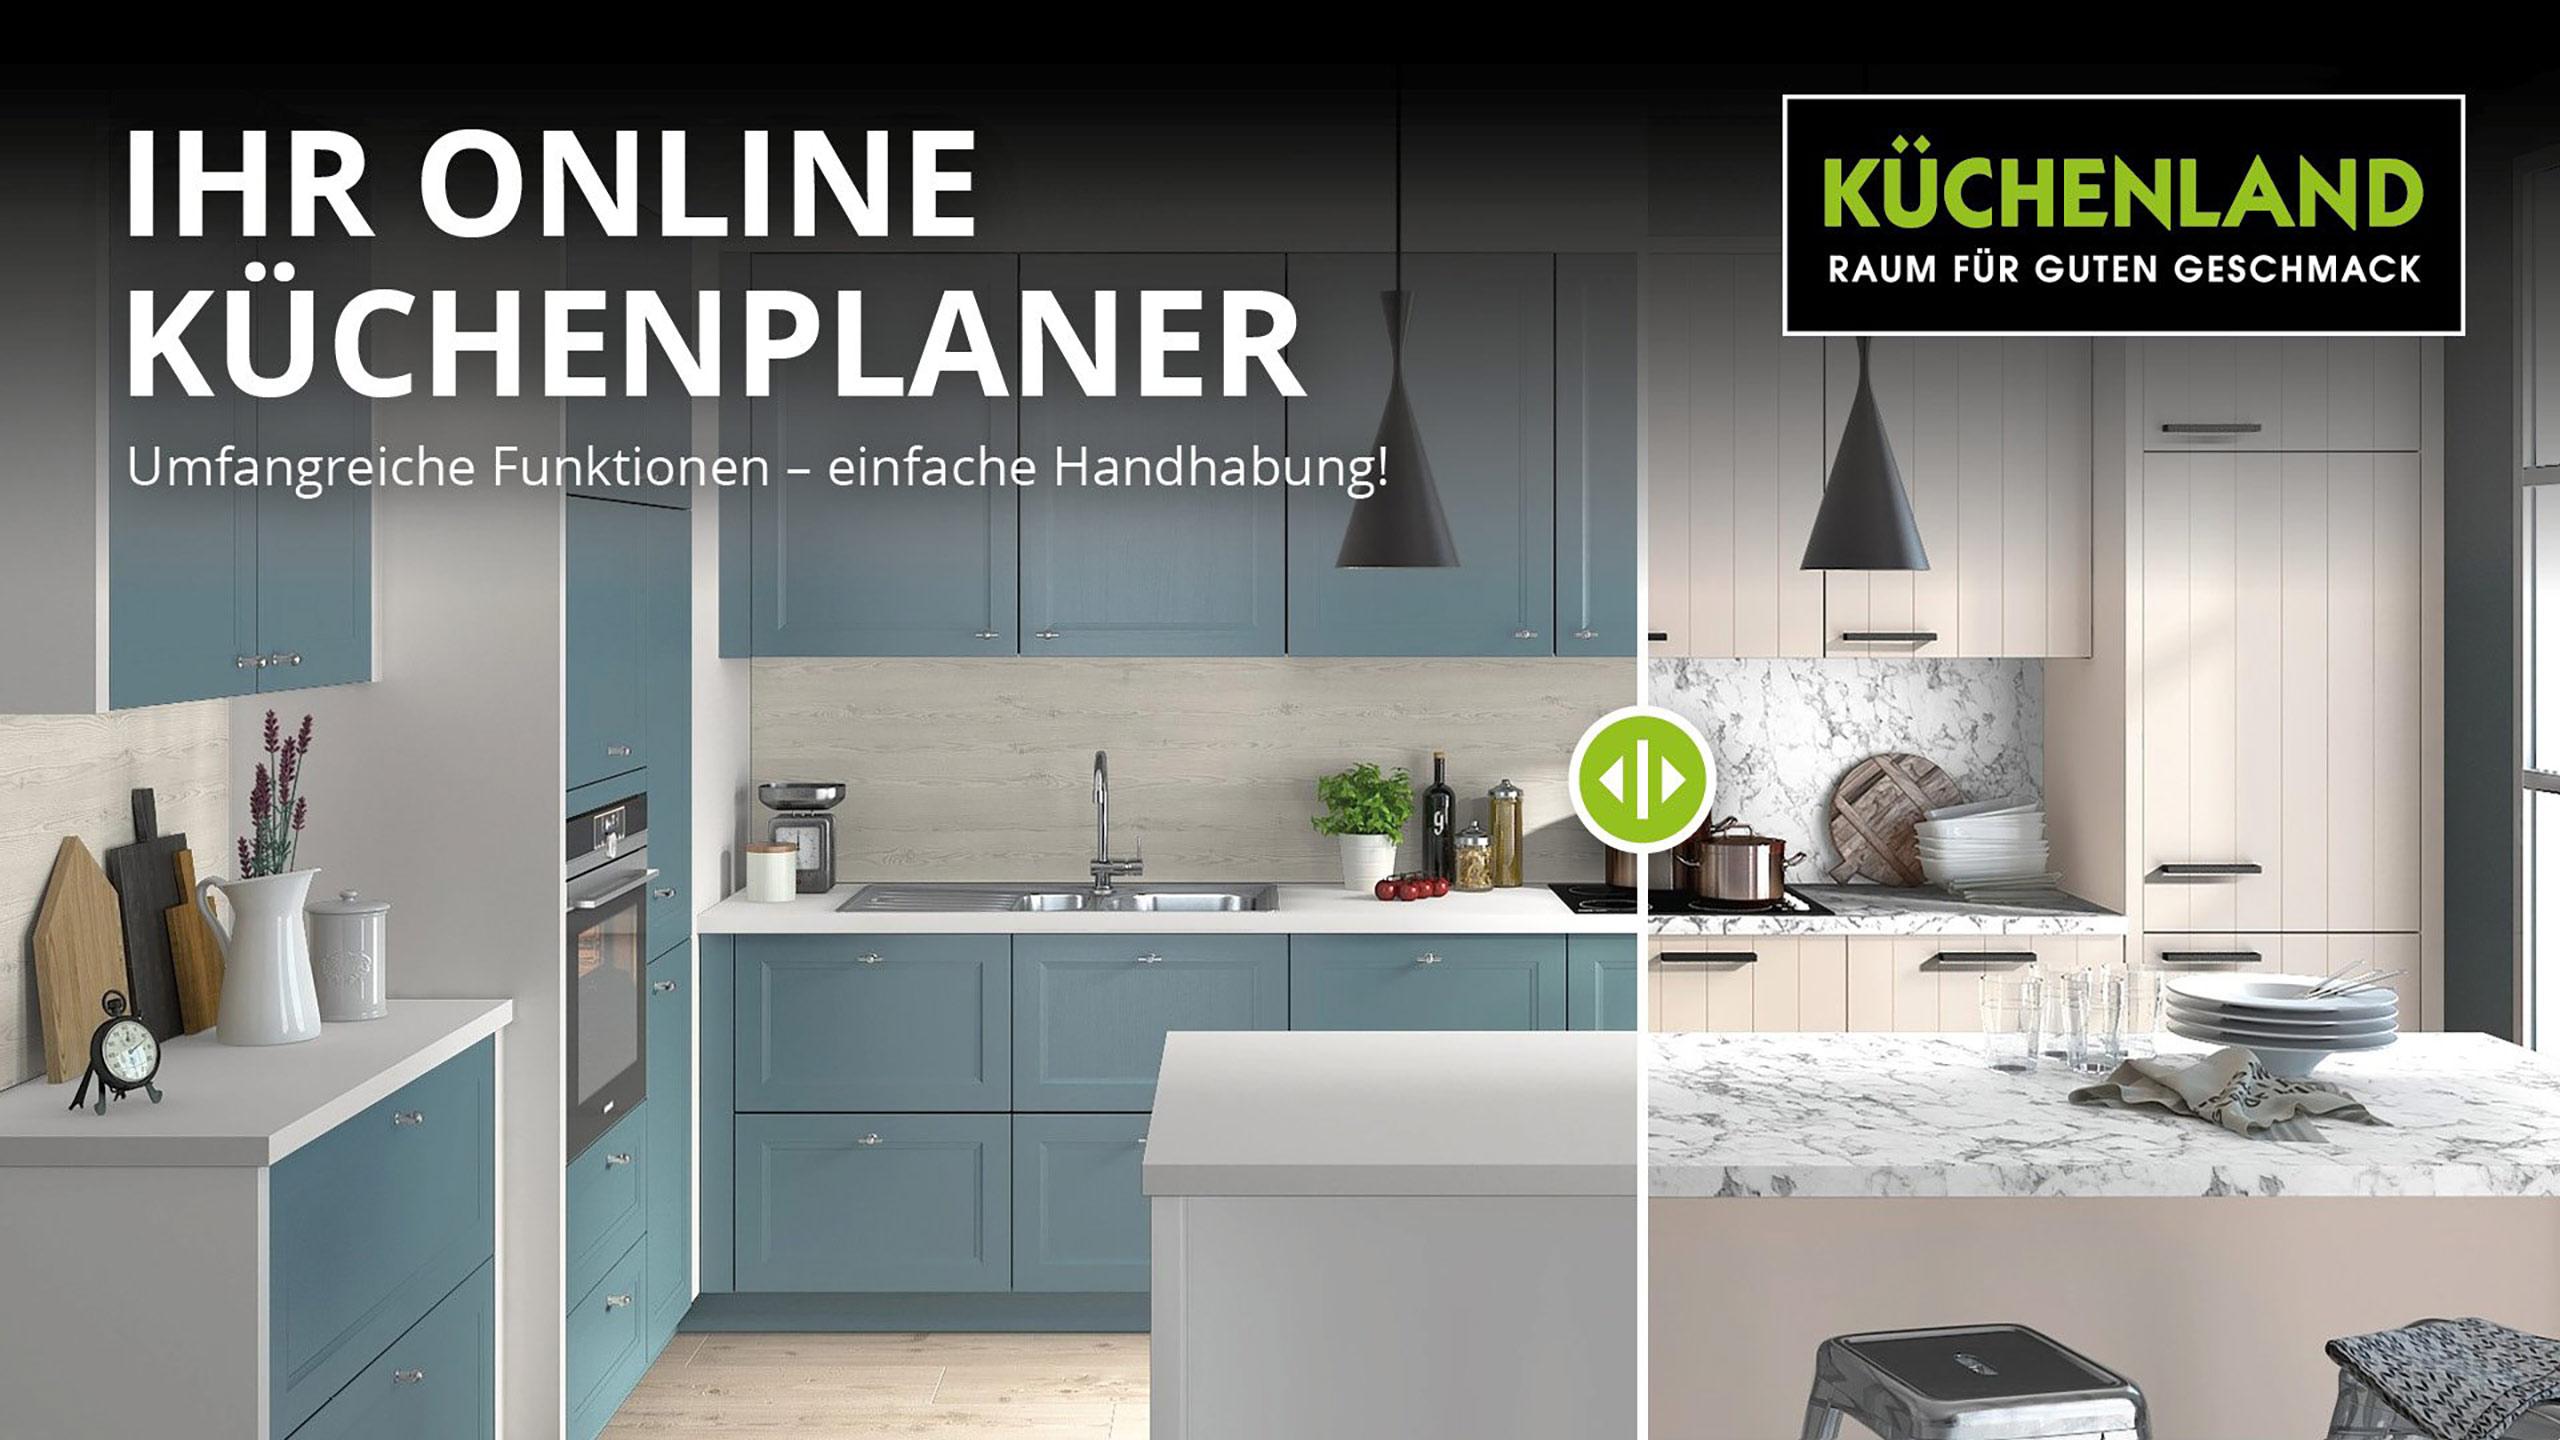 Küchenplaner Möbelland Hochtaunus Bad Homburg Frankfurt